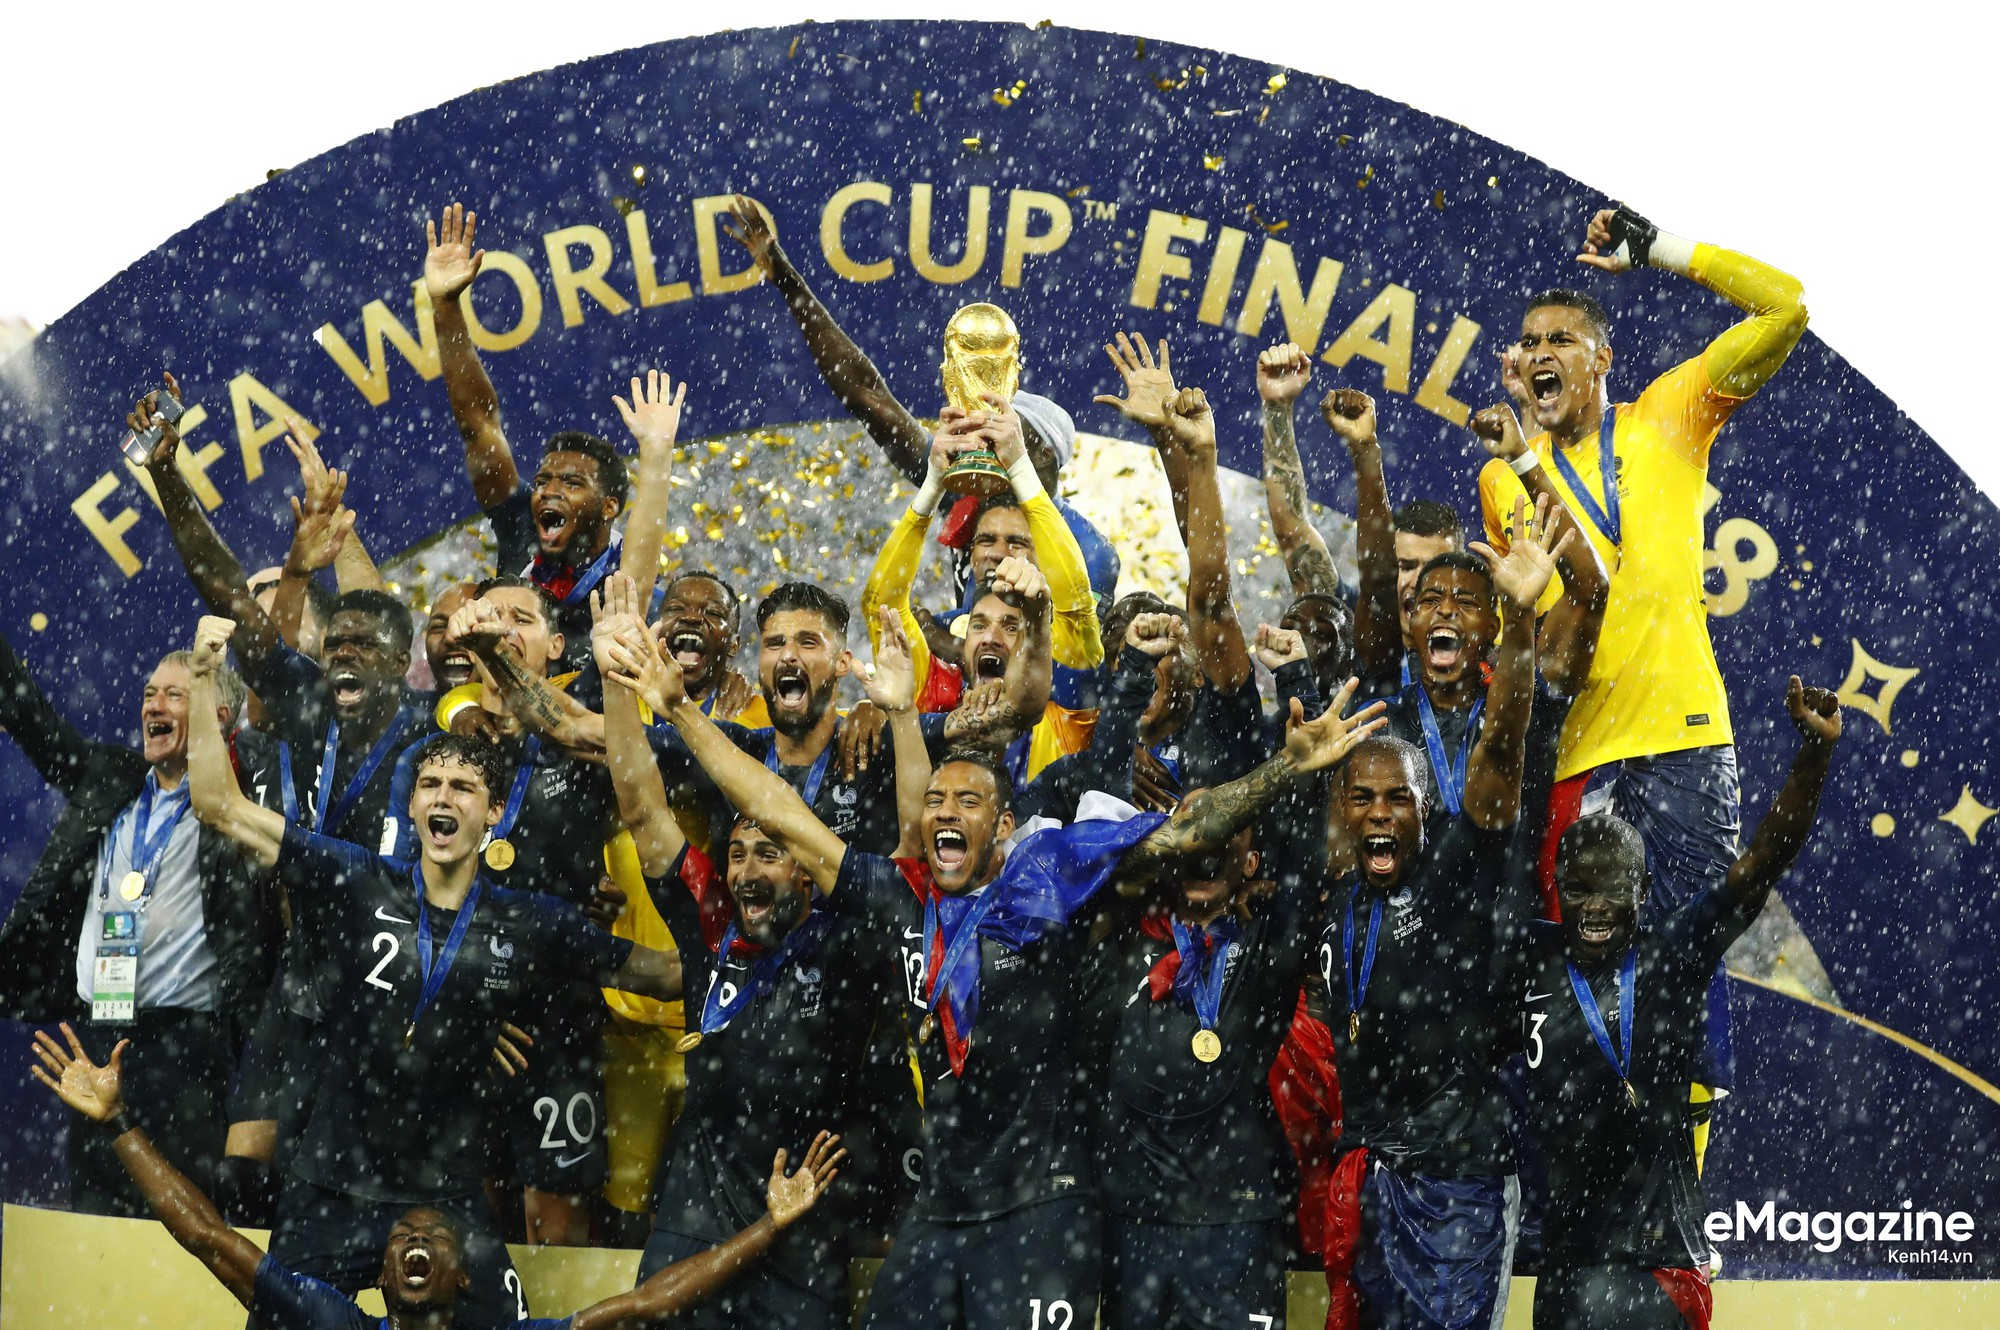 Vô địch World Cup 2018, khởi đầu cho kỷ nguyên vàng nước Pháp - Ảnh 18.